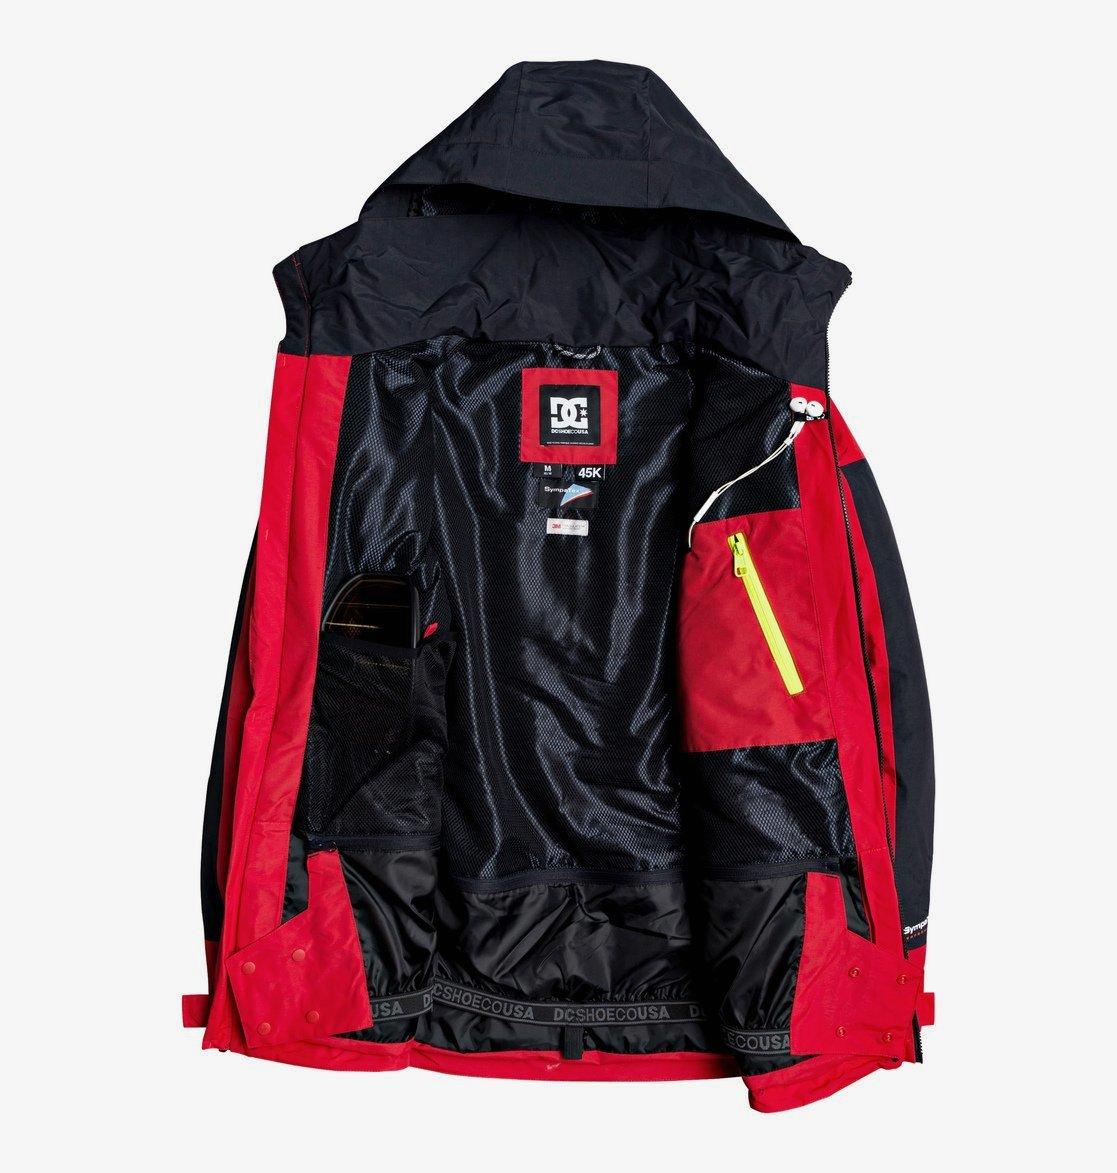 Куртка для сноуборда DC shoes Company купить в Boardshop №1